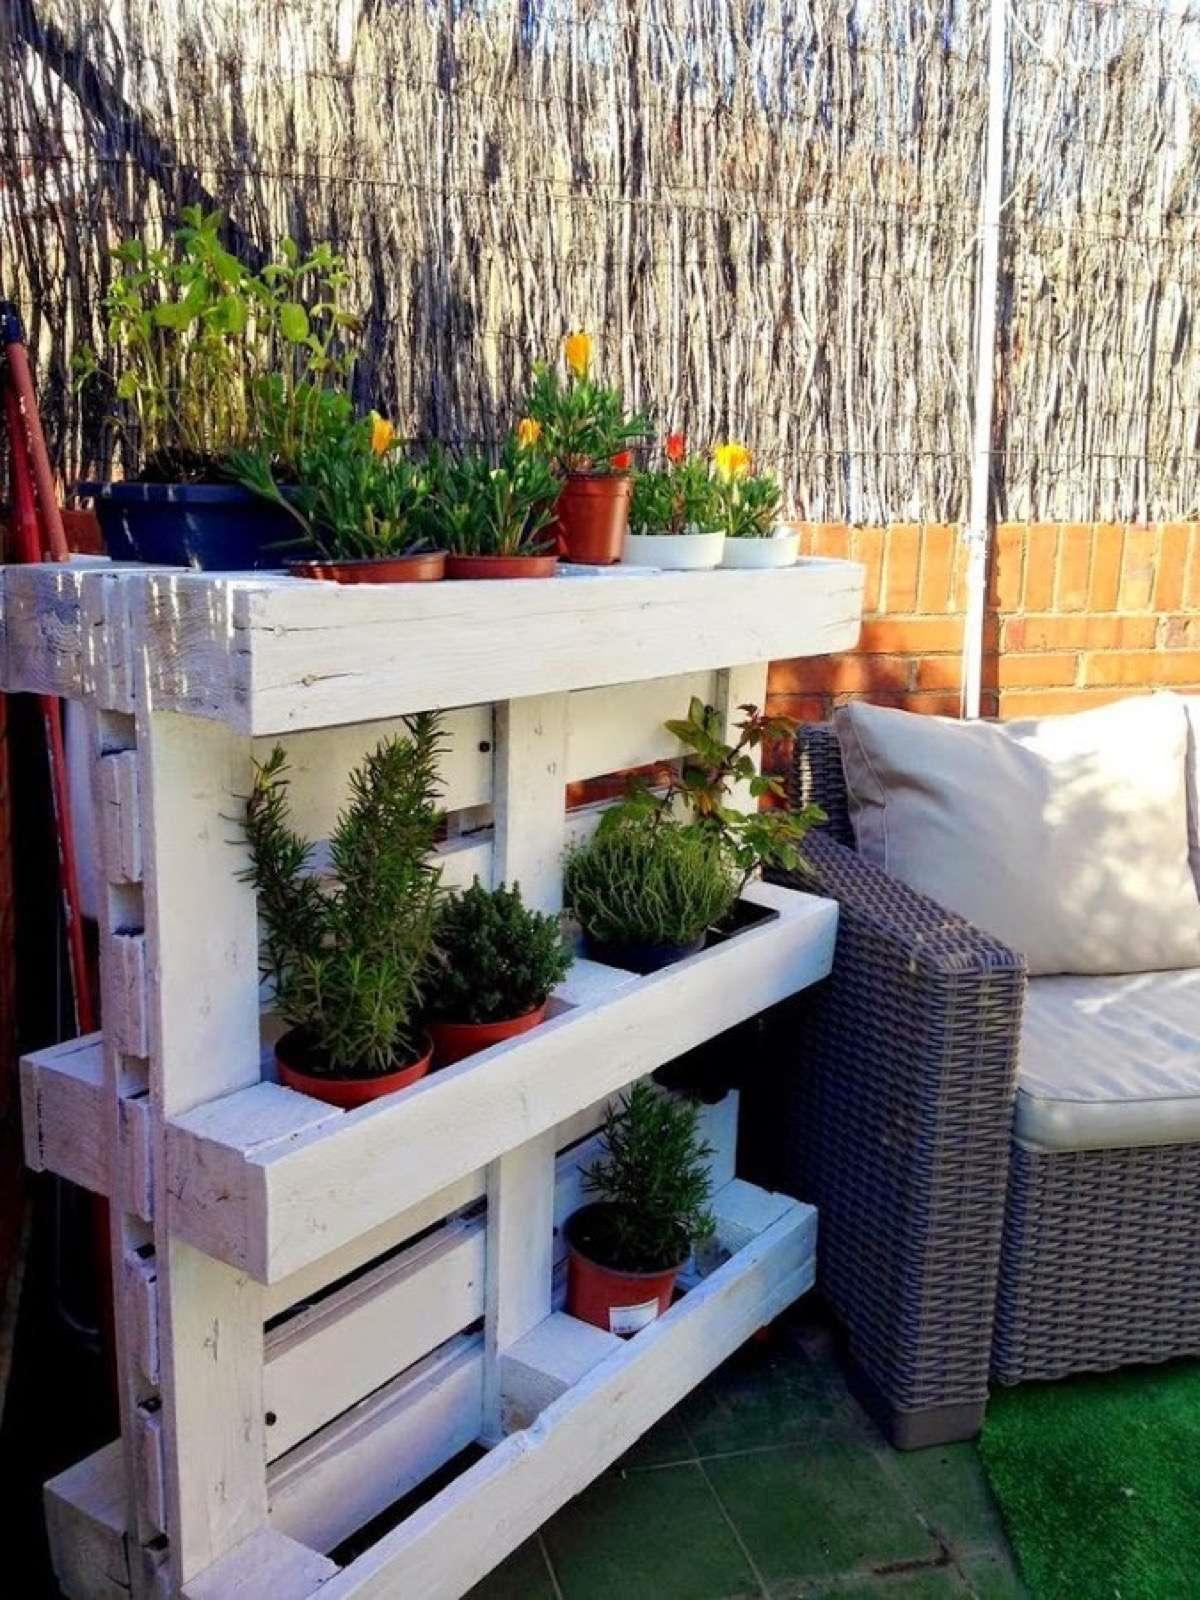 Décoration sur une terrasse avec des palettes de bois